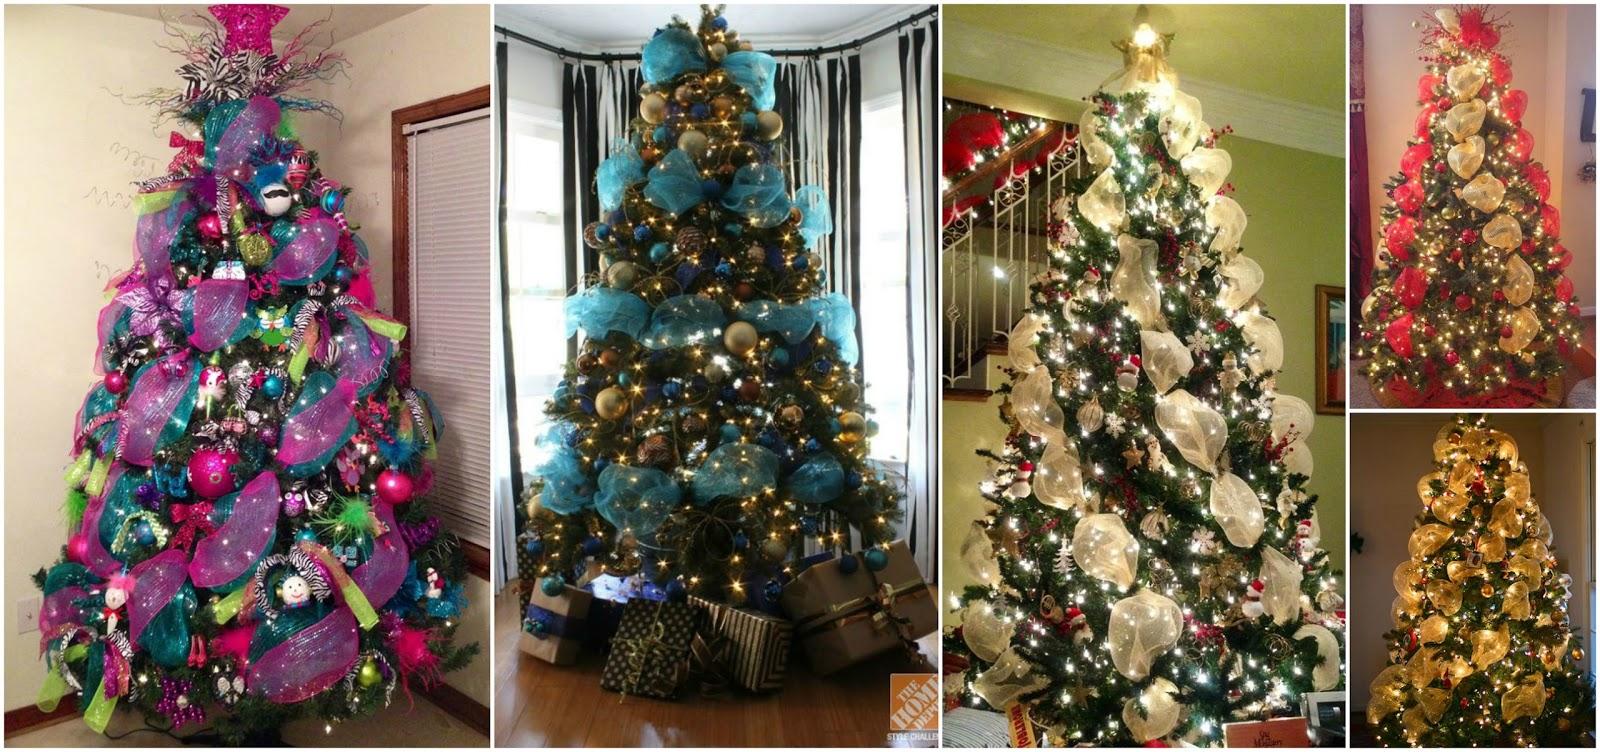 Aprende c mo decorar 7 rboles navide os con mallas - Comprar arboles de navidad decorados ...